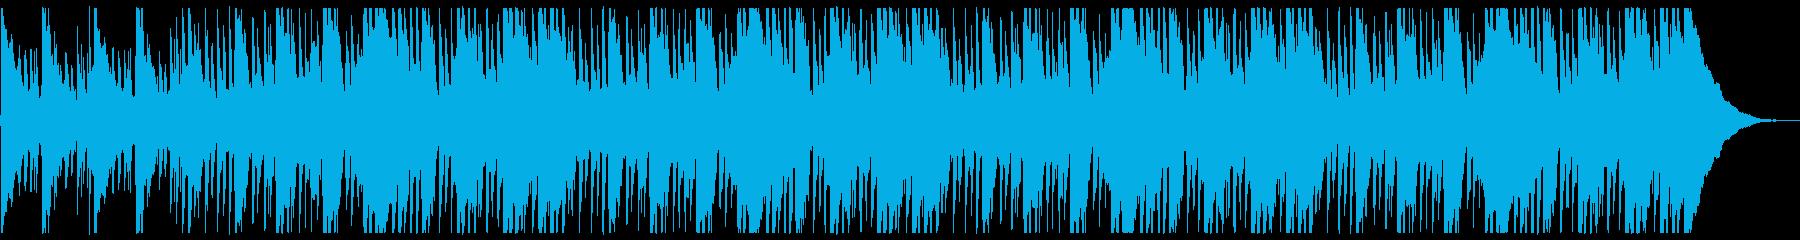 カントリー調、ほのぼのYouTube向きの再生済みの波形